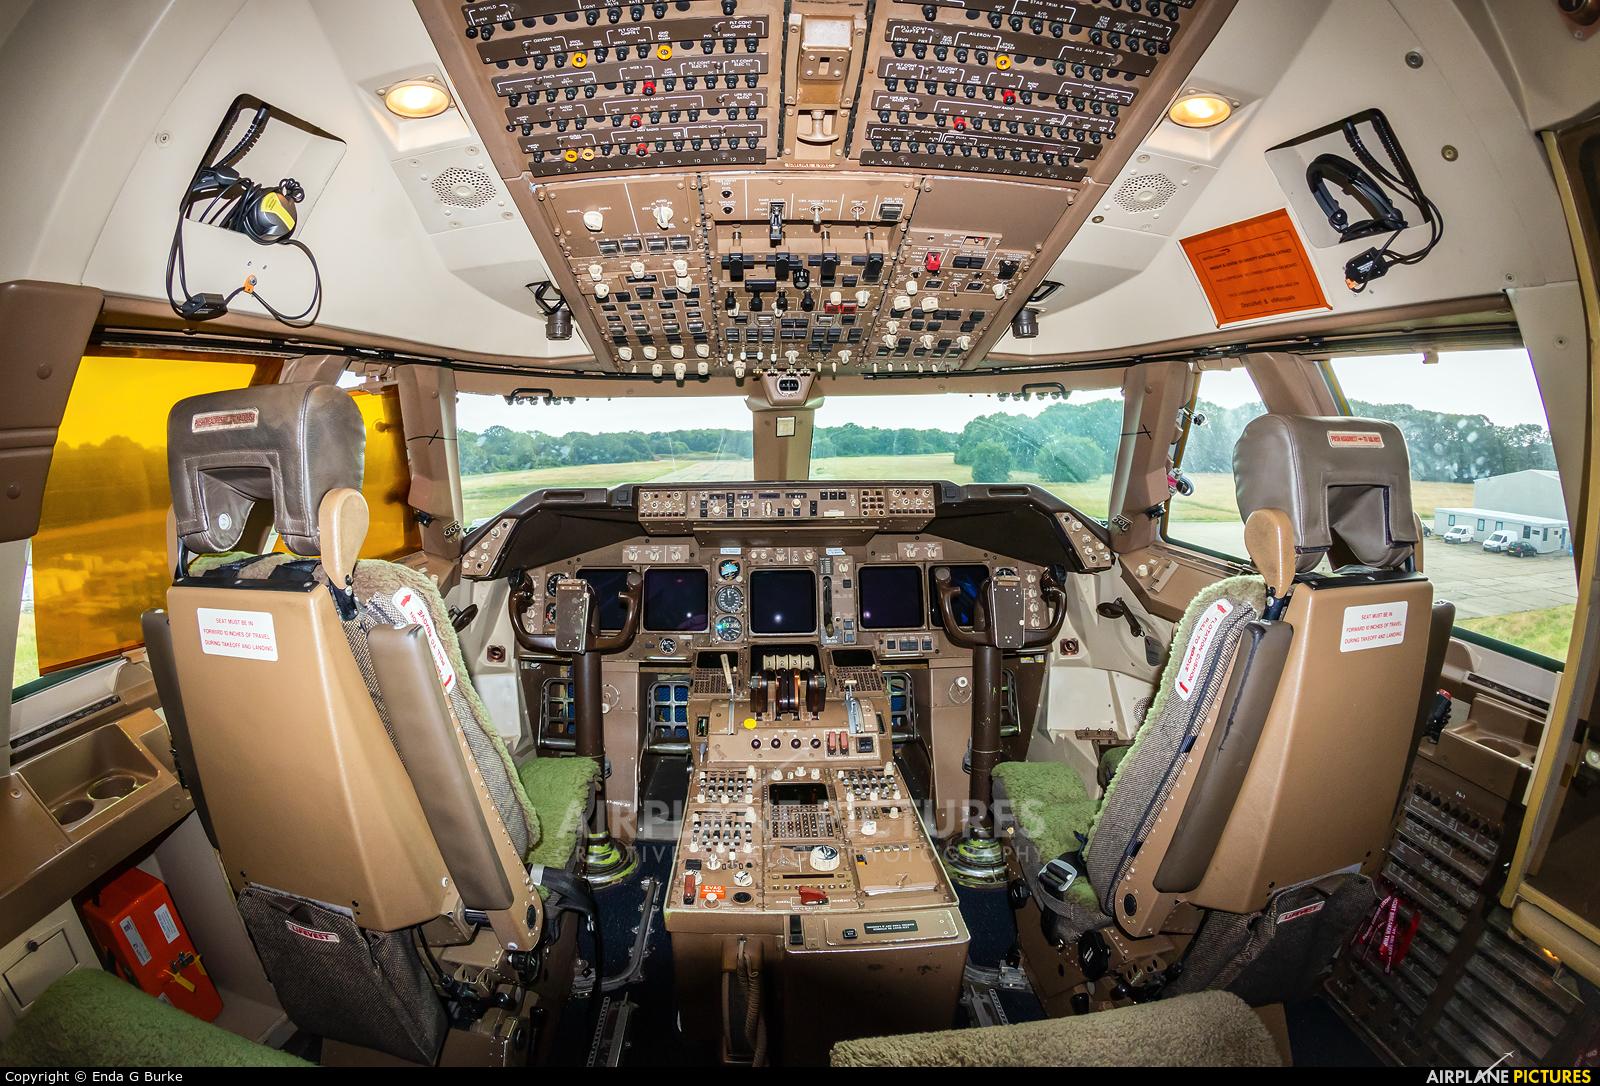 British Airways G-BNLY aircraft at Dunsfold